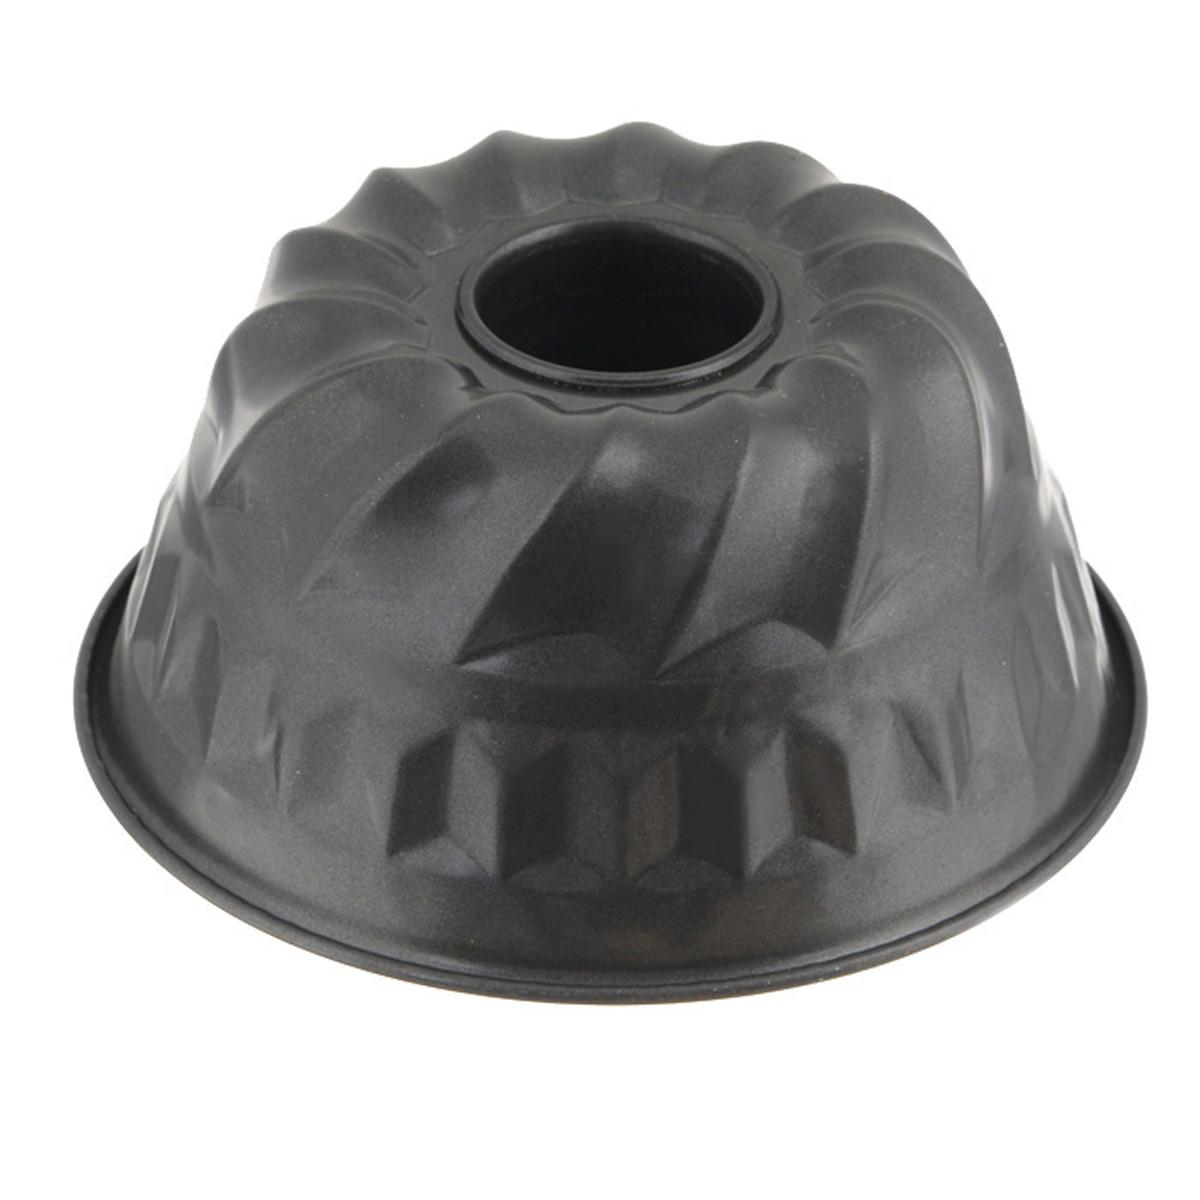 Форма для кекса Mayer & Boch, с антипригарным покрытием, круглая, диаметр 15 см20176Форма для кекса Mayer & Boch изготовлена из углеродистой стали с антипригарным покрытием, благодаря чему пища не пригорает и не прилипает к стенкам посуды. Кроме того, готовить можно с добавлением минимального количества масла и жиров. Антипригарное покрытие также обеспечивает легкость мытья. Внутренние боковые стенки рельефные, что придаст вашей выпечке особую аппетитную форму. Подходит для использования в духовом шкафу. Не подходит для СВЧ-печей. Рекомендуется ручная чистка. Используйте только деревянные и пластиковые лопатки. Высота стенок: 5 см.Диаметр (по верхнему краю): 15 см.Диаметр основания: 9,5 см.